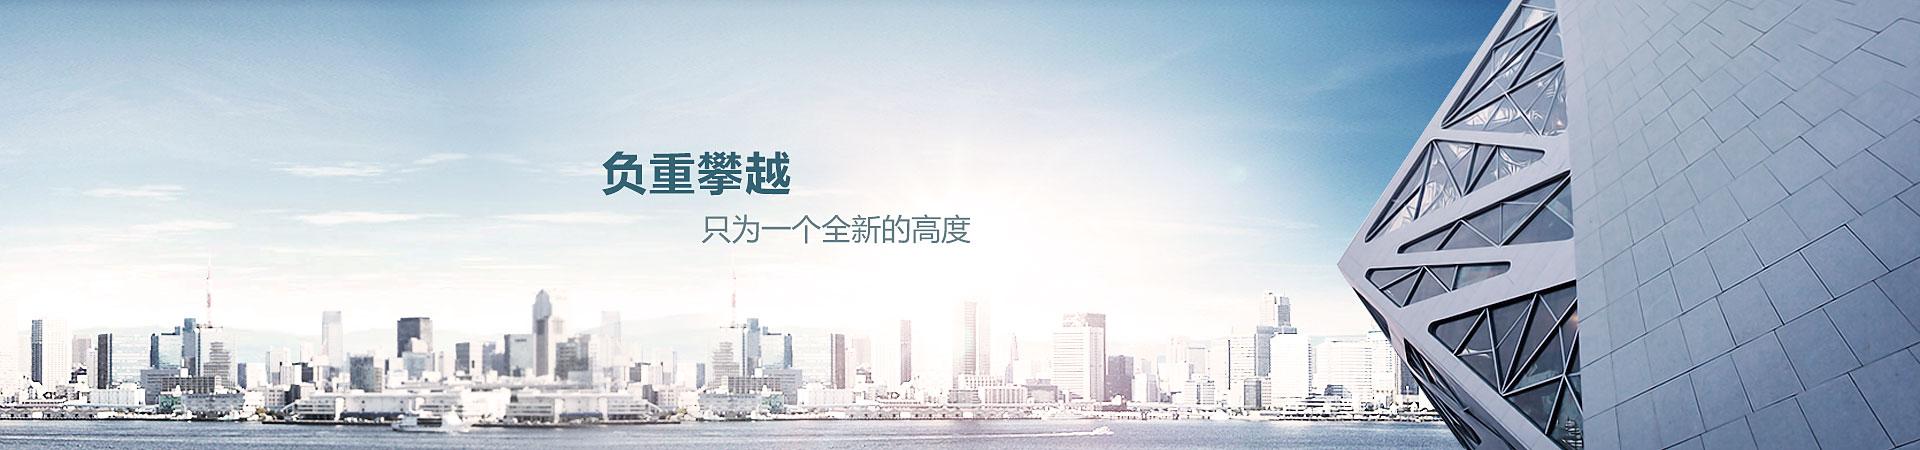 广告图模板6 上海塞隆电子设备有限公司